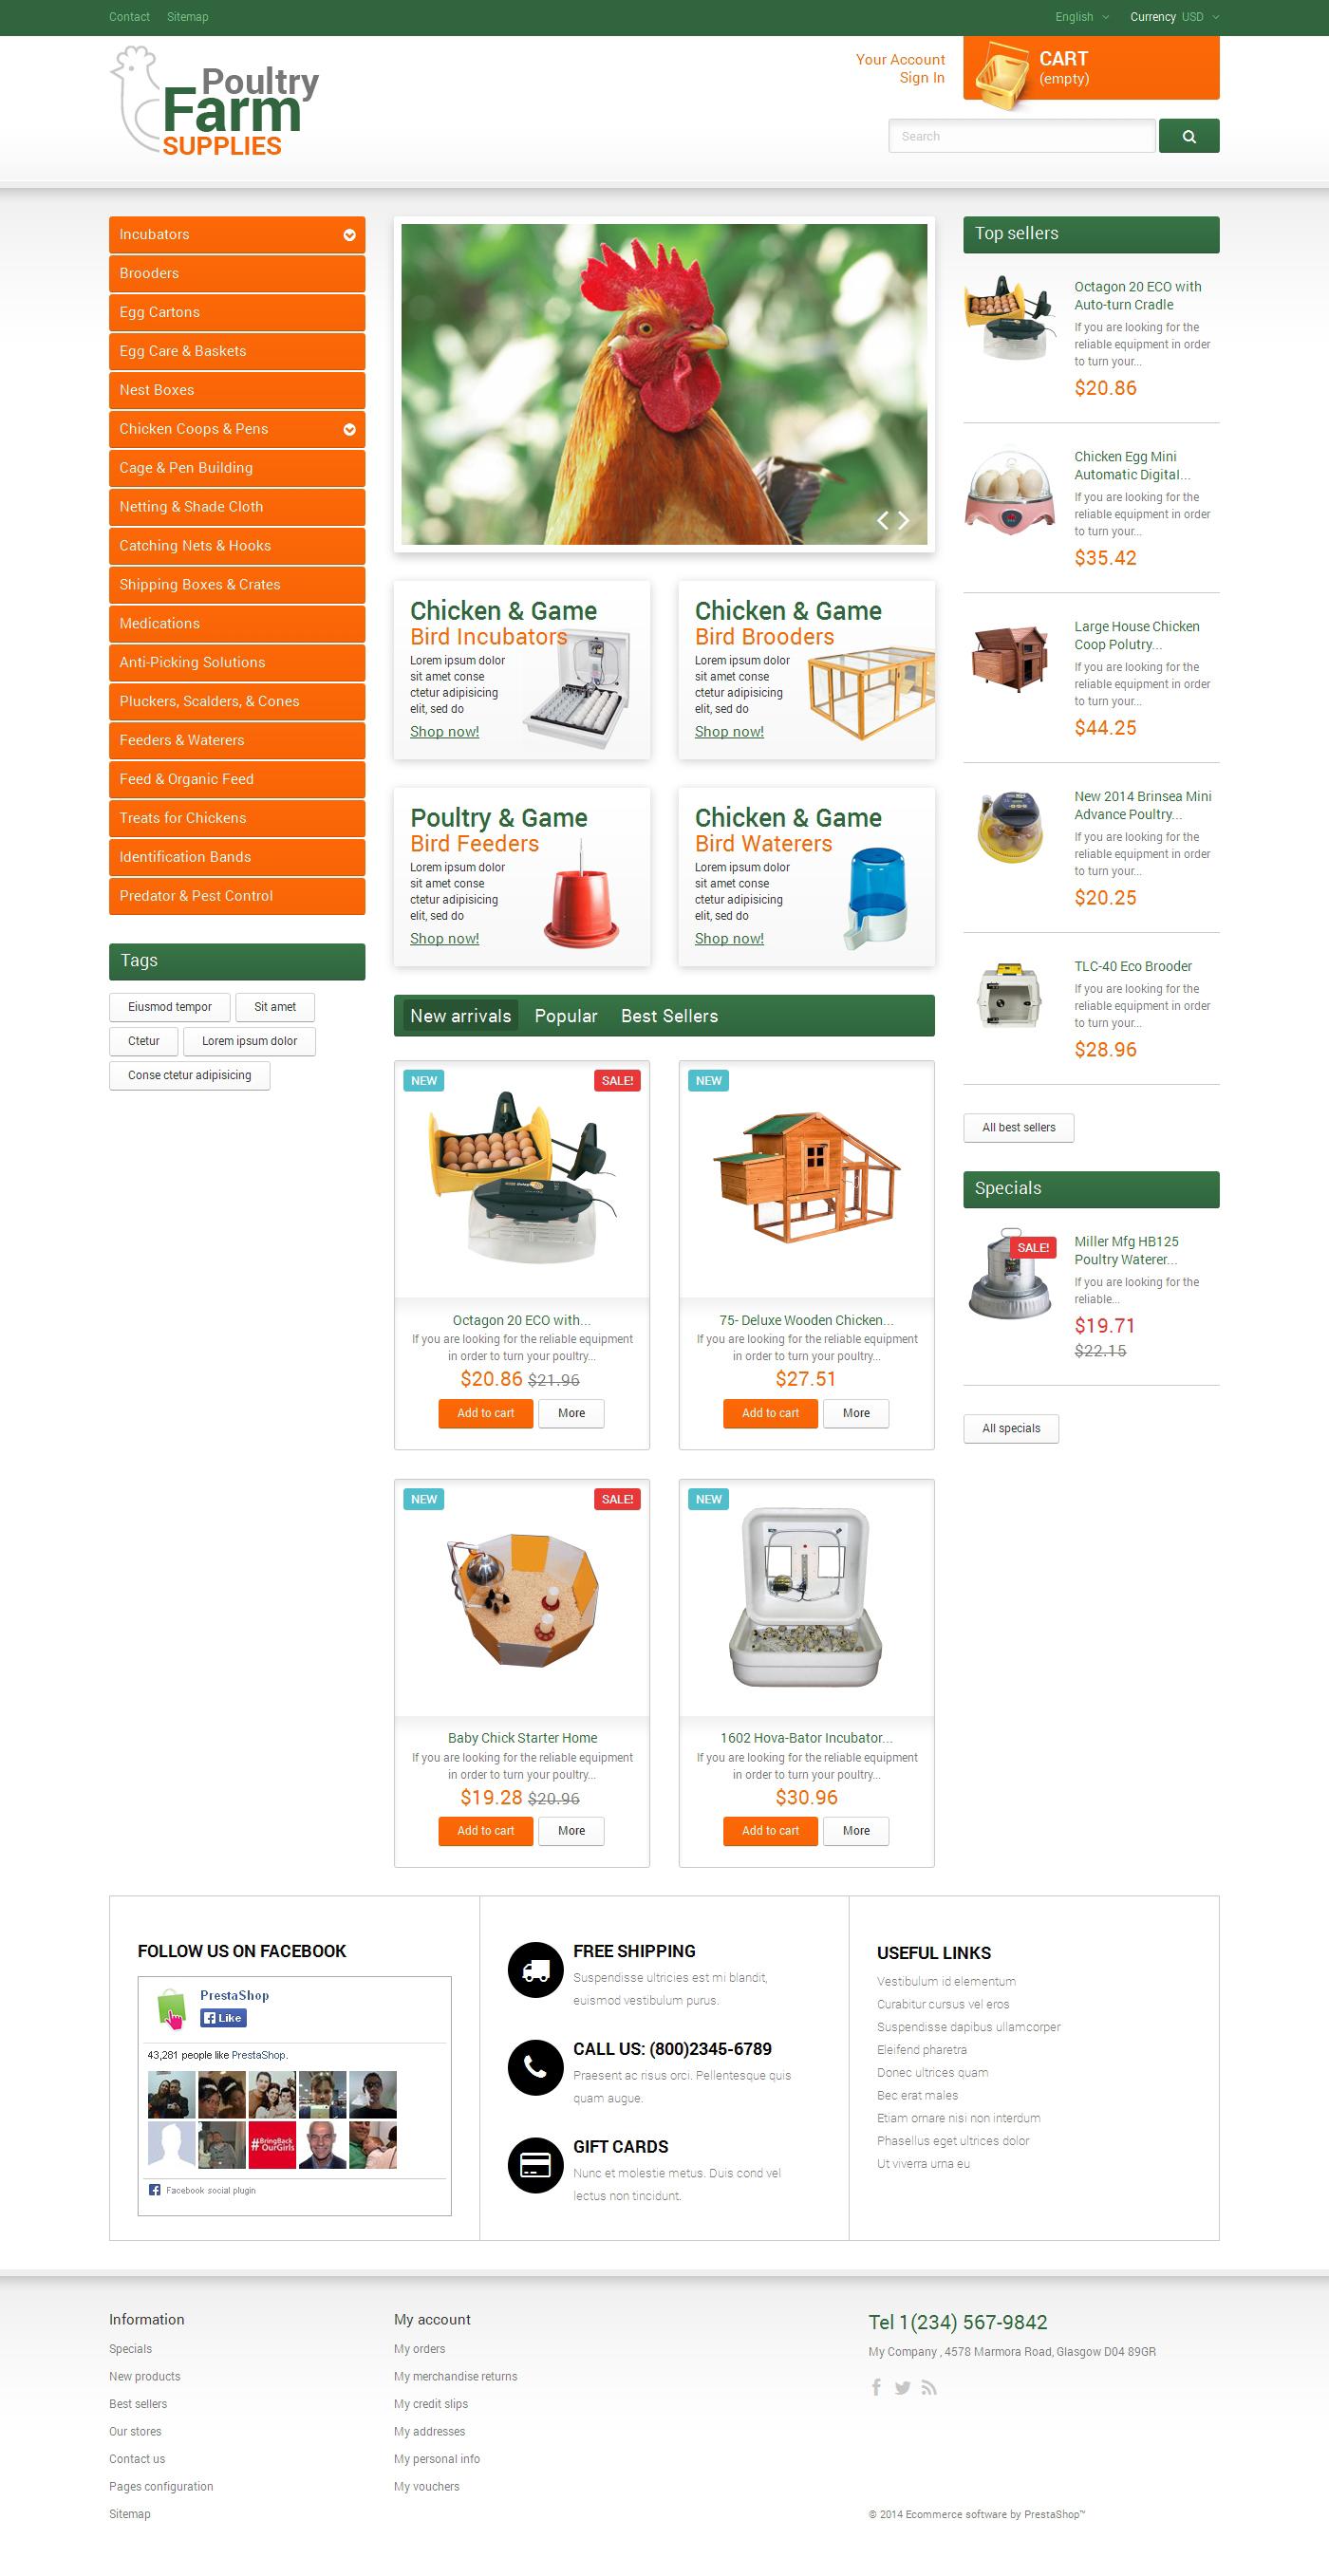 Poultry Farm Supplies №49463 - скриншот